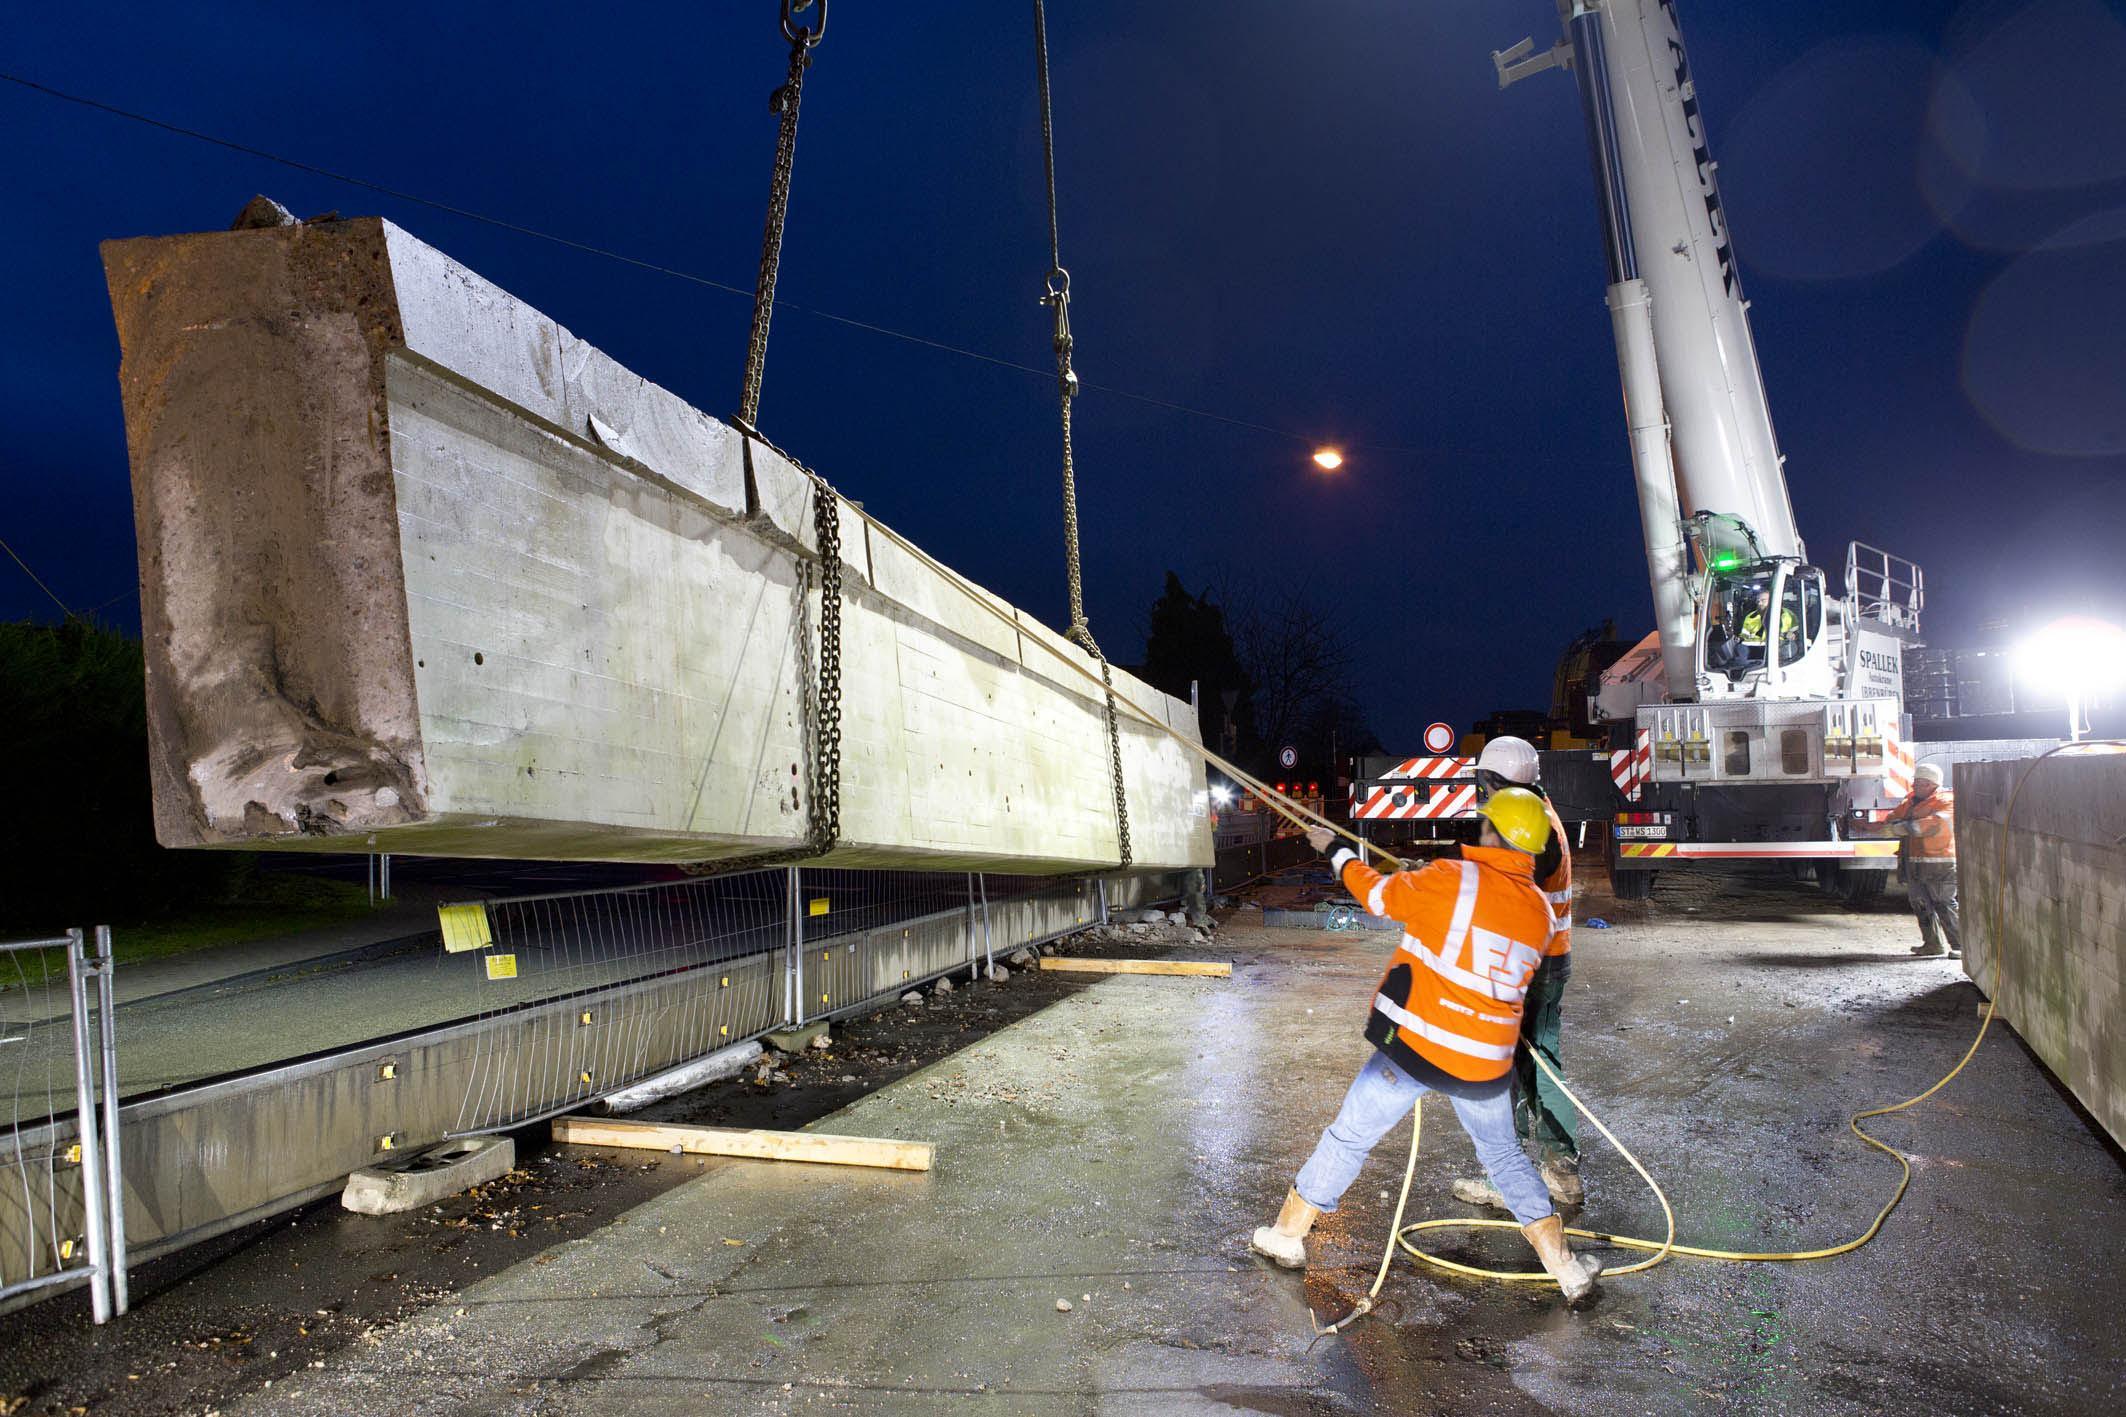 42 Tonnen am Haken des LTM 1300-6.2 von Spallek.